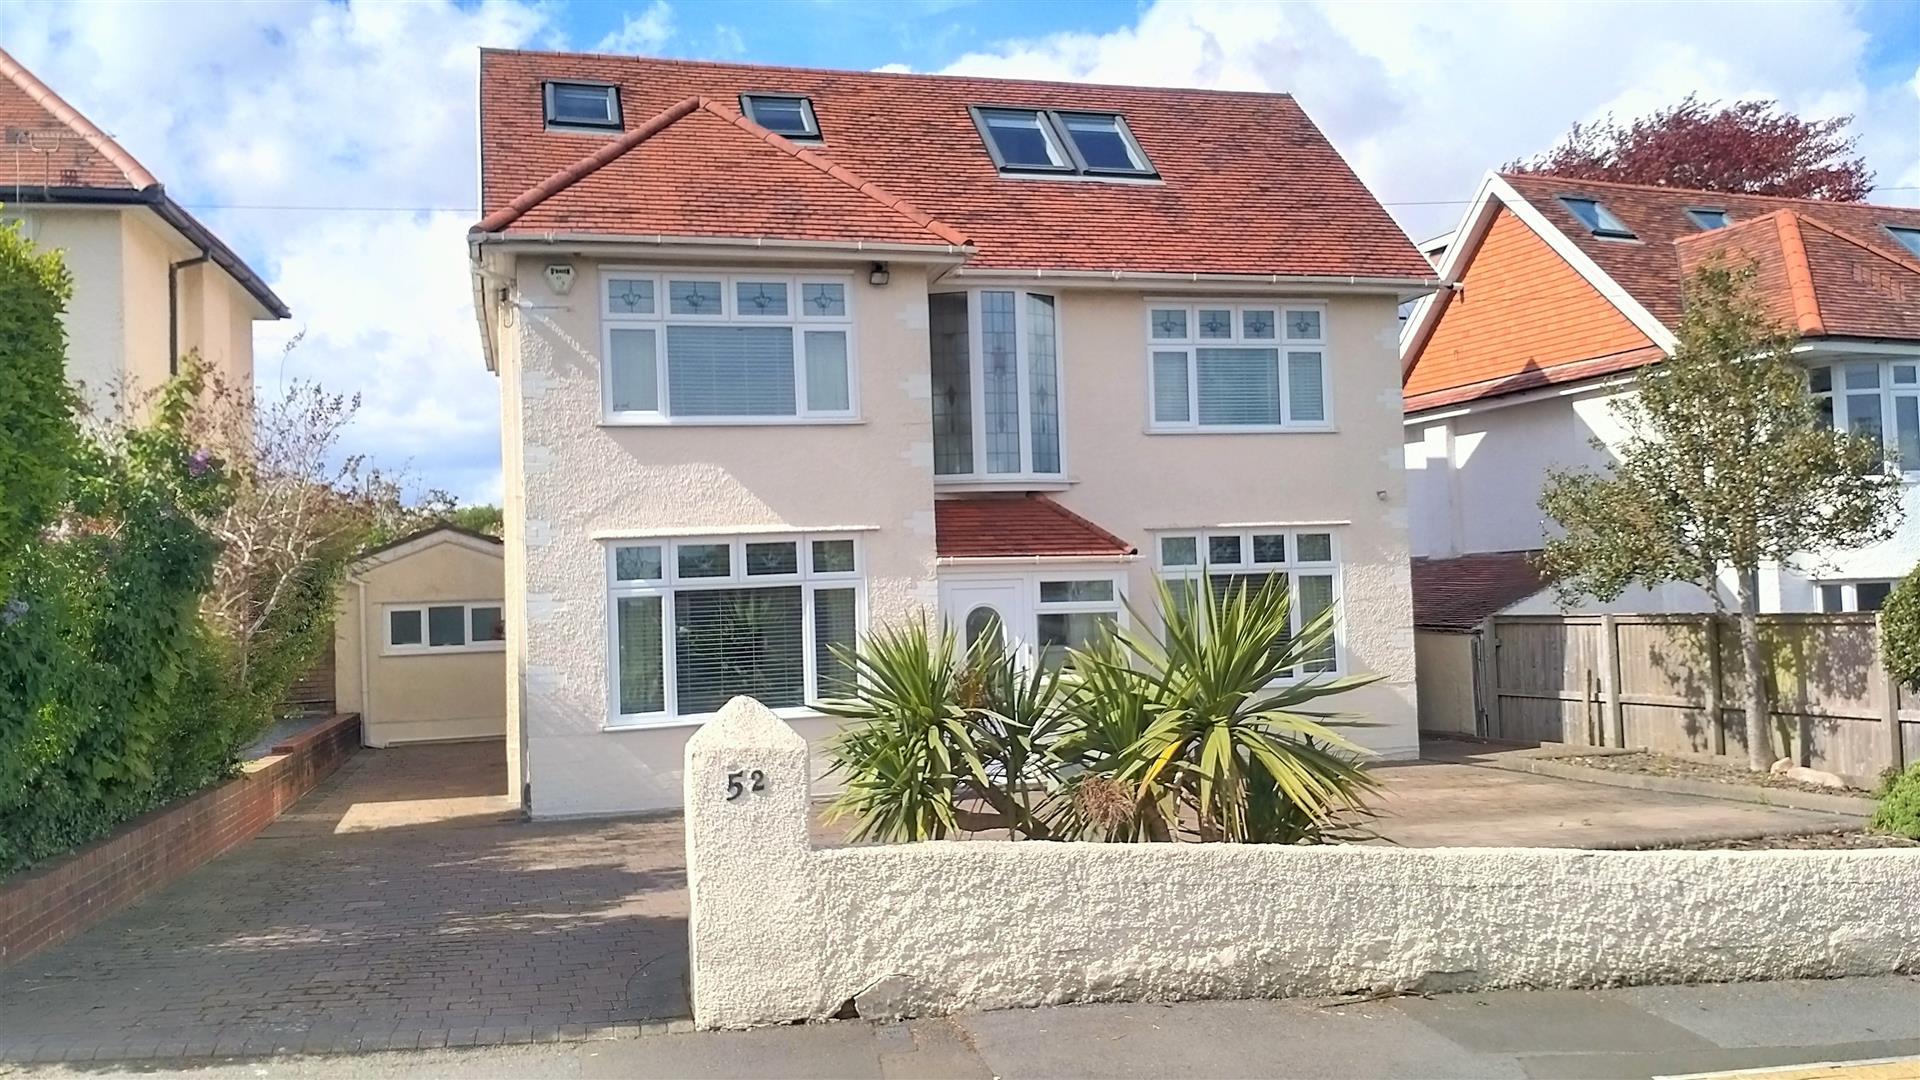 West Cross Lane, West Cross, Swansea, SA3 5LS